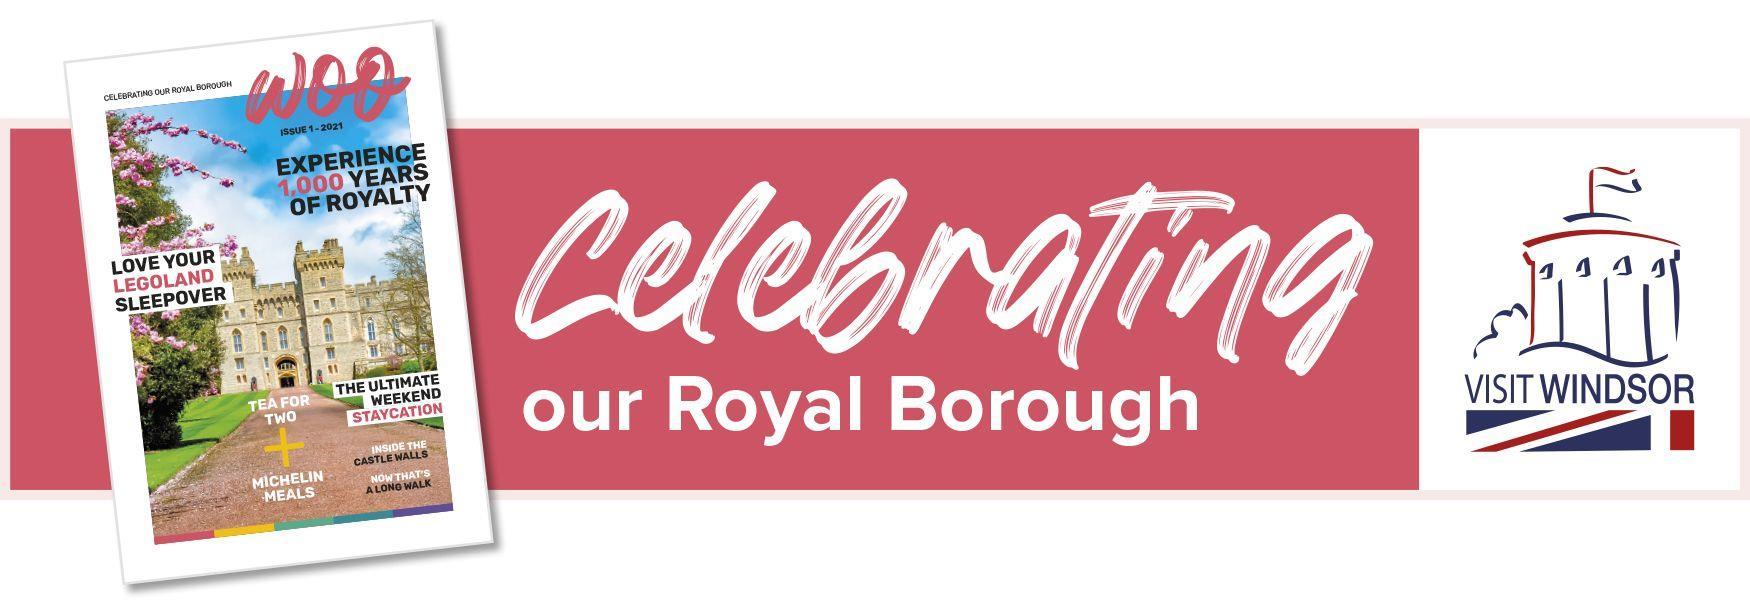 Visit Windsor Woo digital magazine Celebrating the Royal Borough